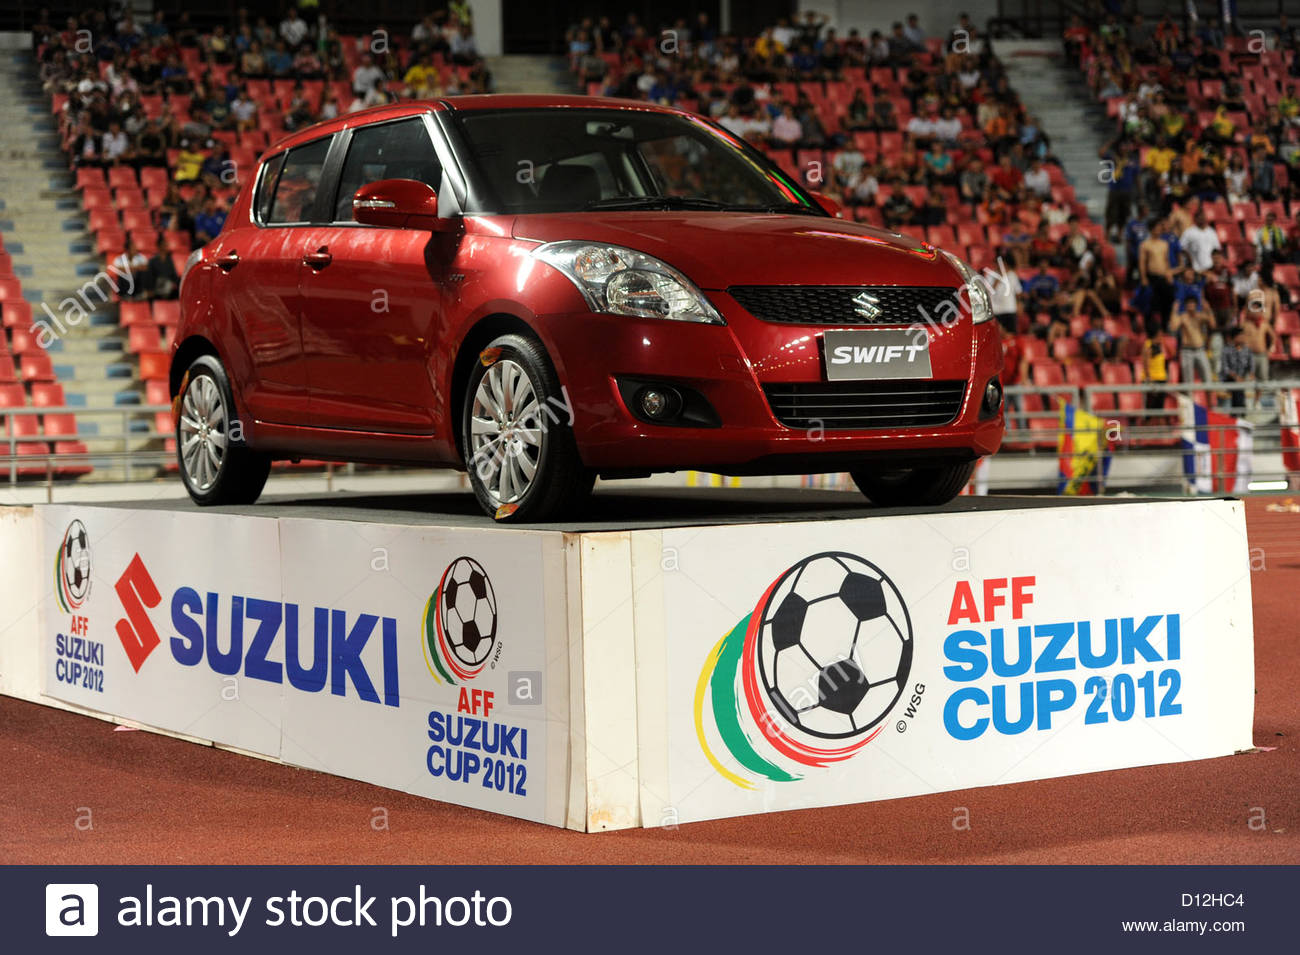 Suzuki Cup Thailand Vs Vietnam 30. November 2012 Suzuki Swift aus der Hauptsponsor. Stockbild